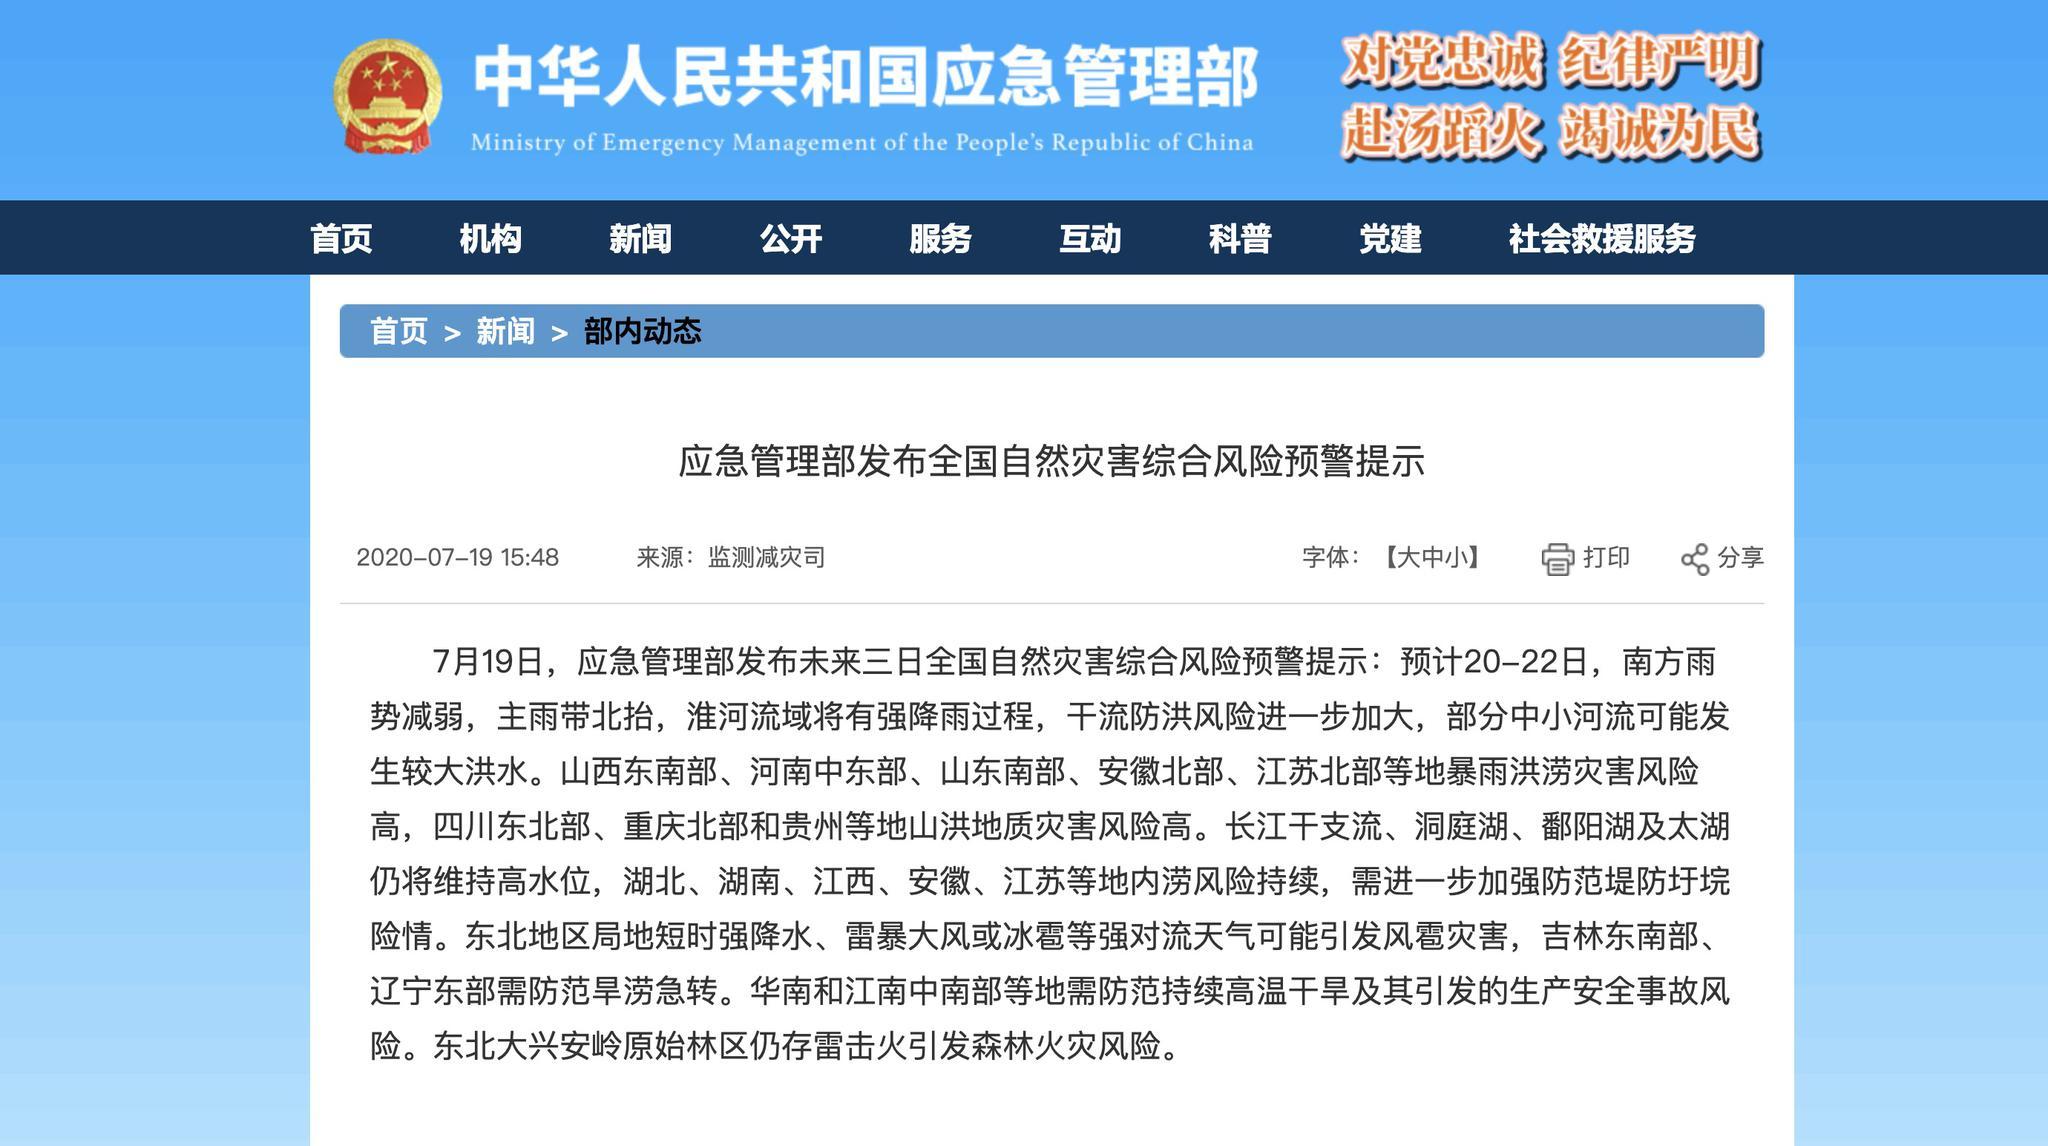 杏悦理部发布杏悦全国自然灾害综合风险预警提示图片